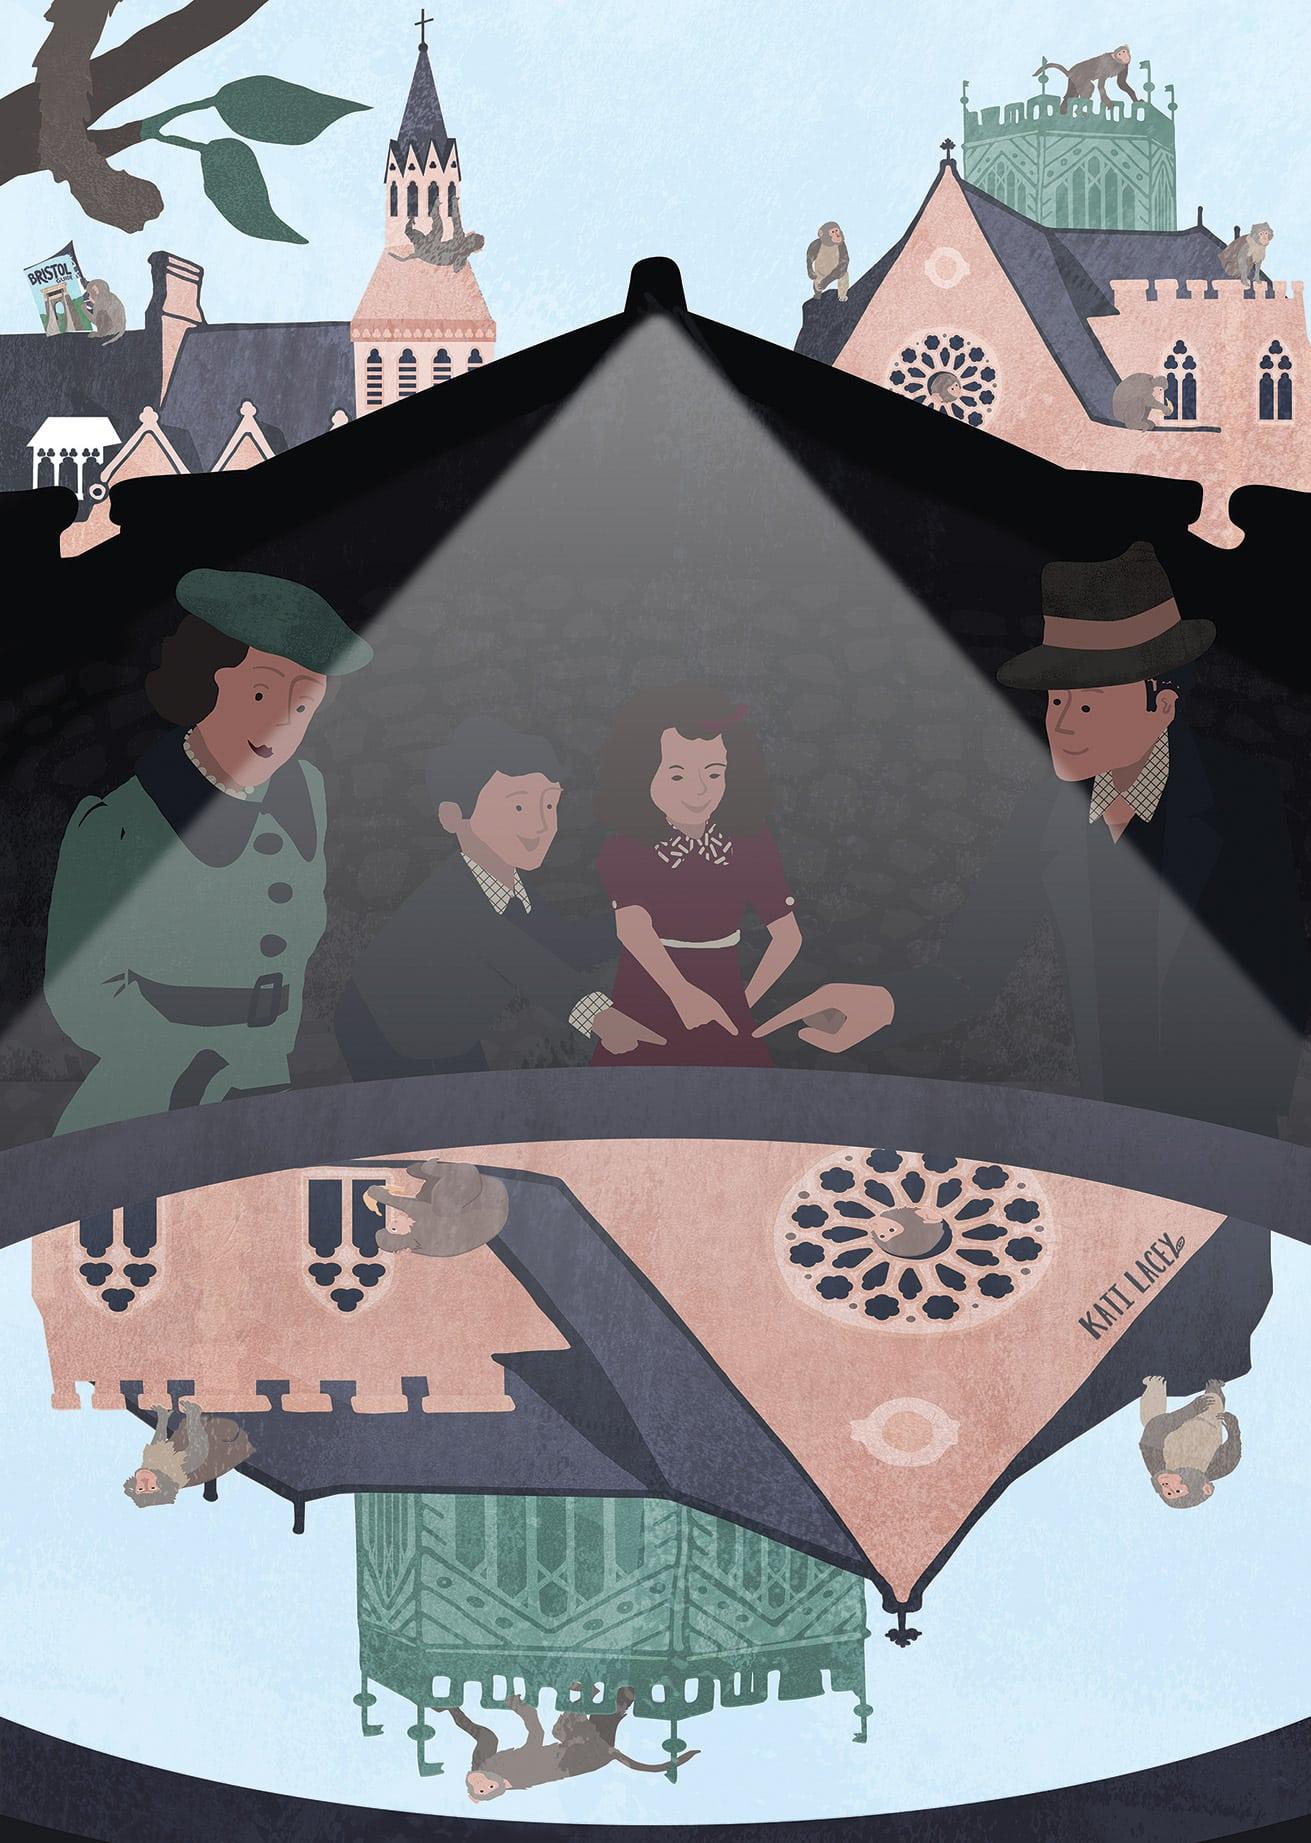 secret-bristol-clifton-college-suspension-bridge-camera-obscura-cameraobscura-city- scene-cityscene-chaos-manic-1930s-family-illustration-art-print-katilacey